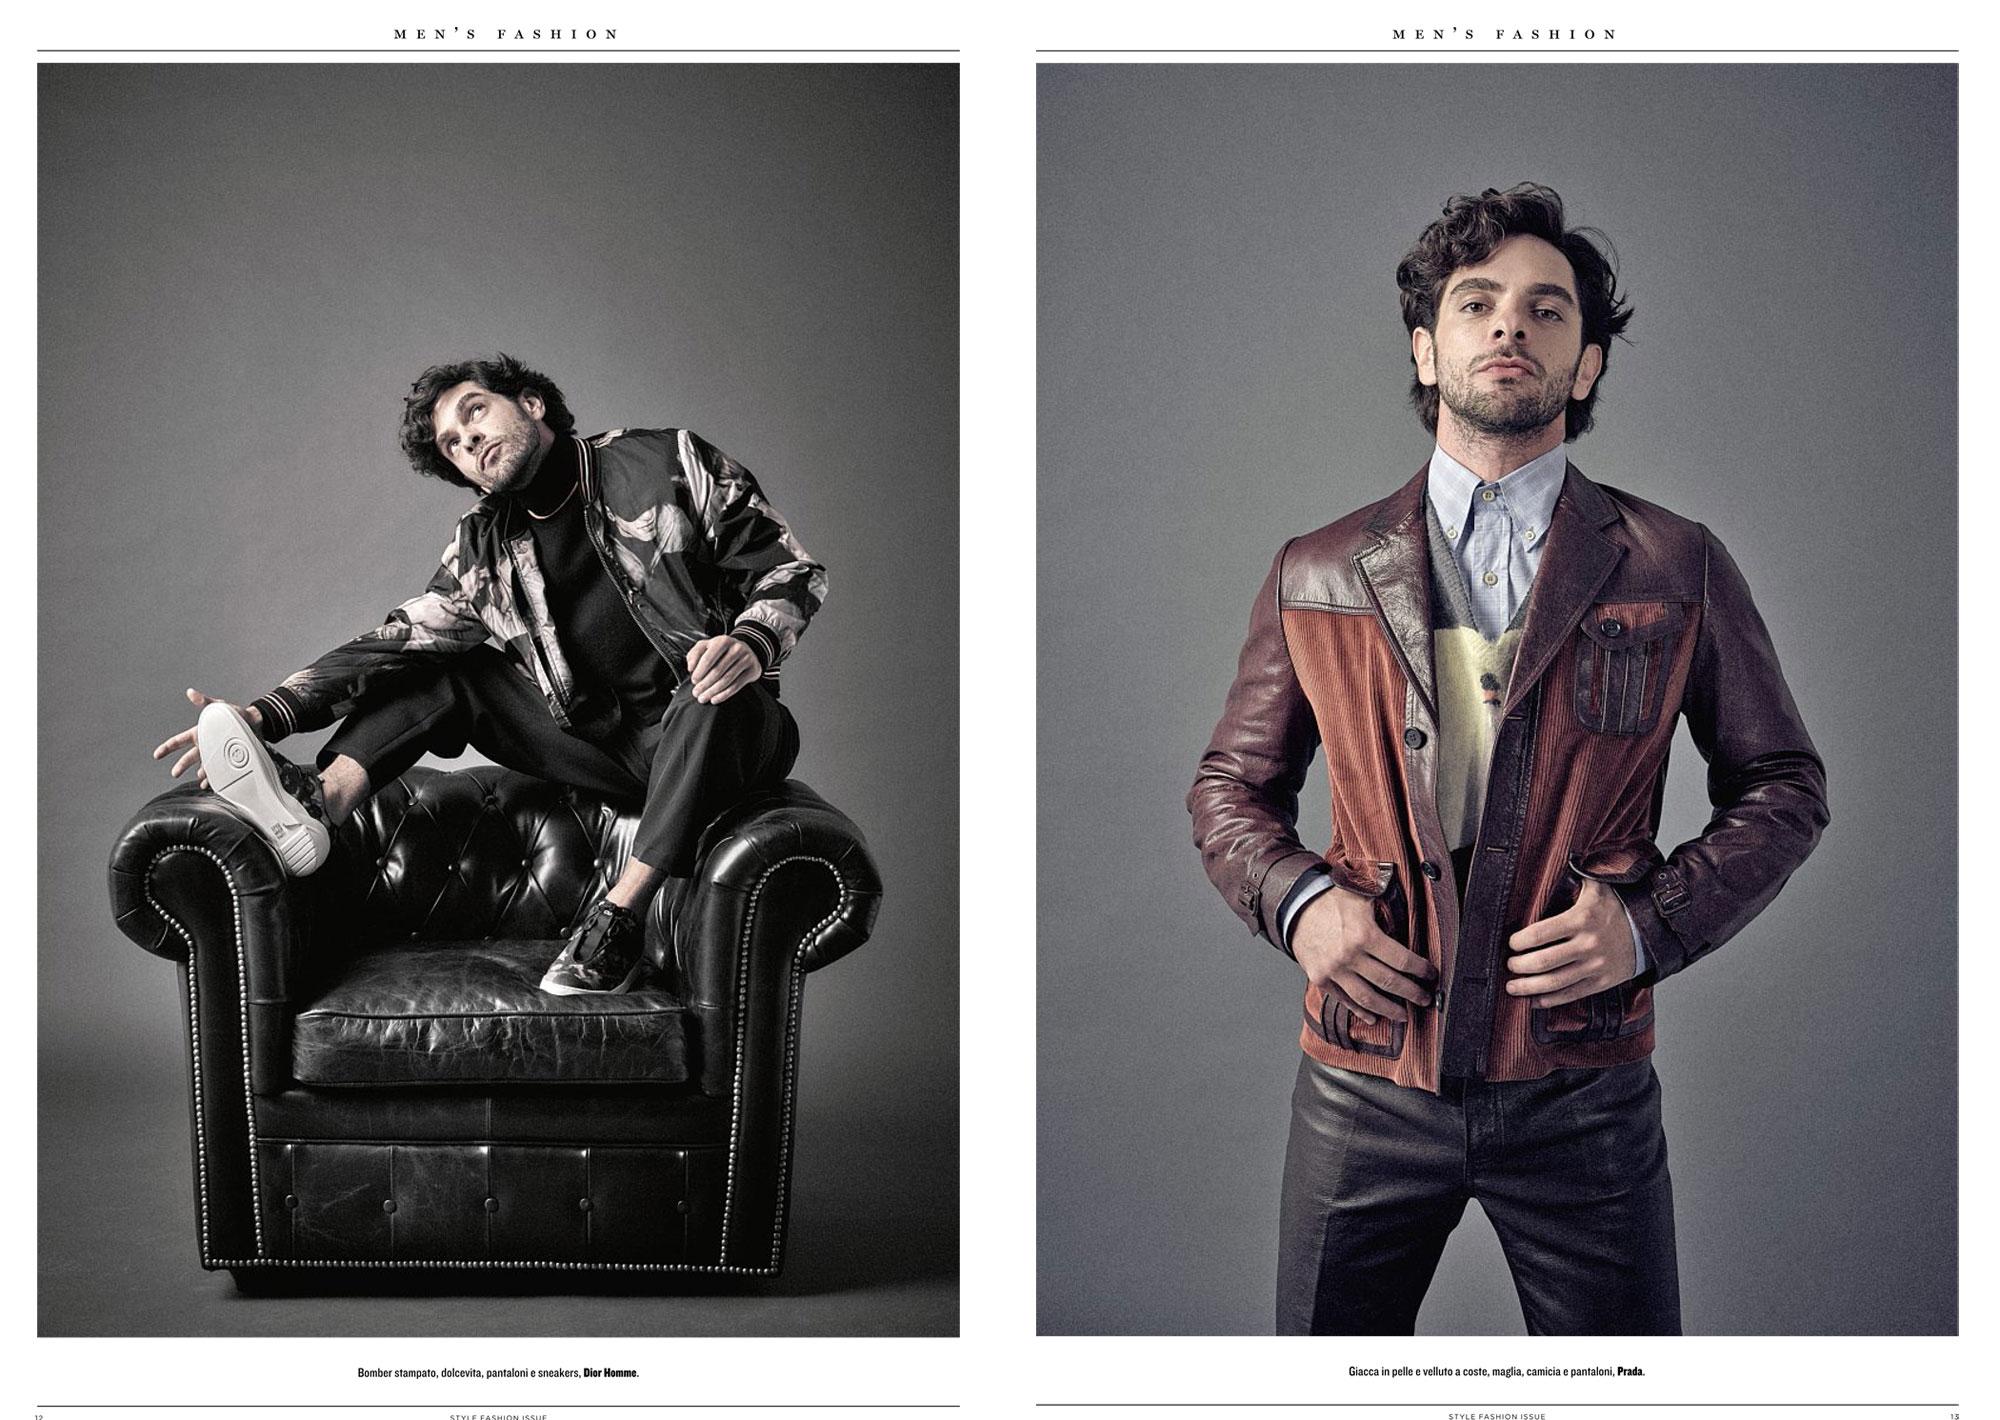 Le tendenze di moda - Giovanni Anzaldo